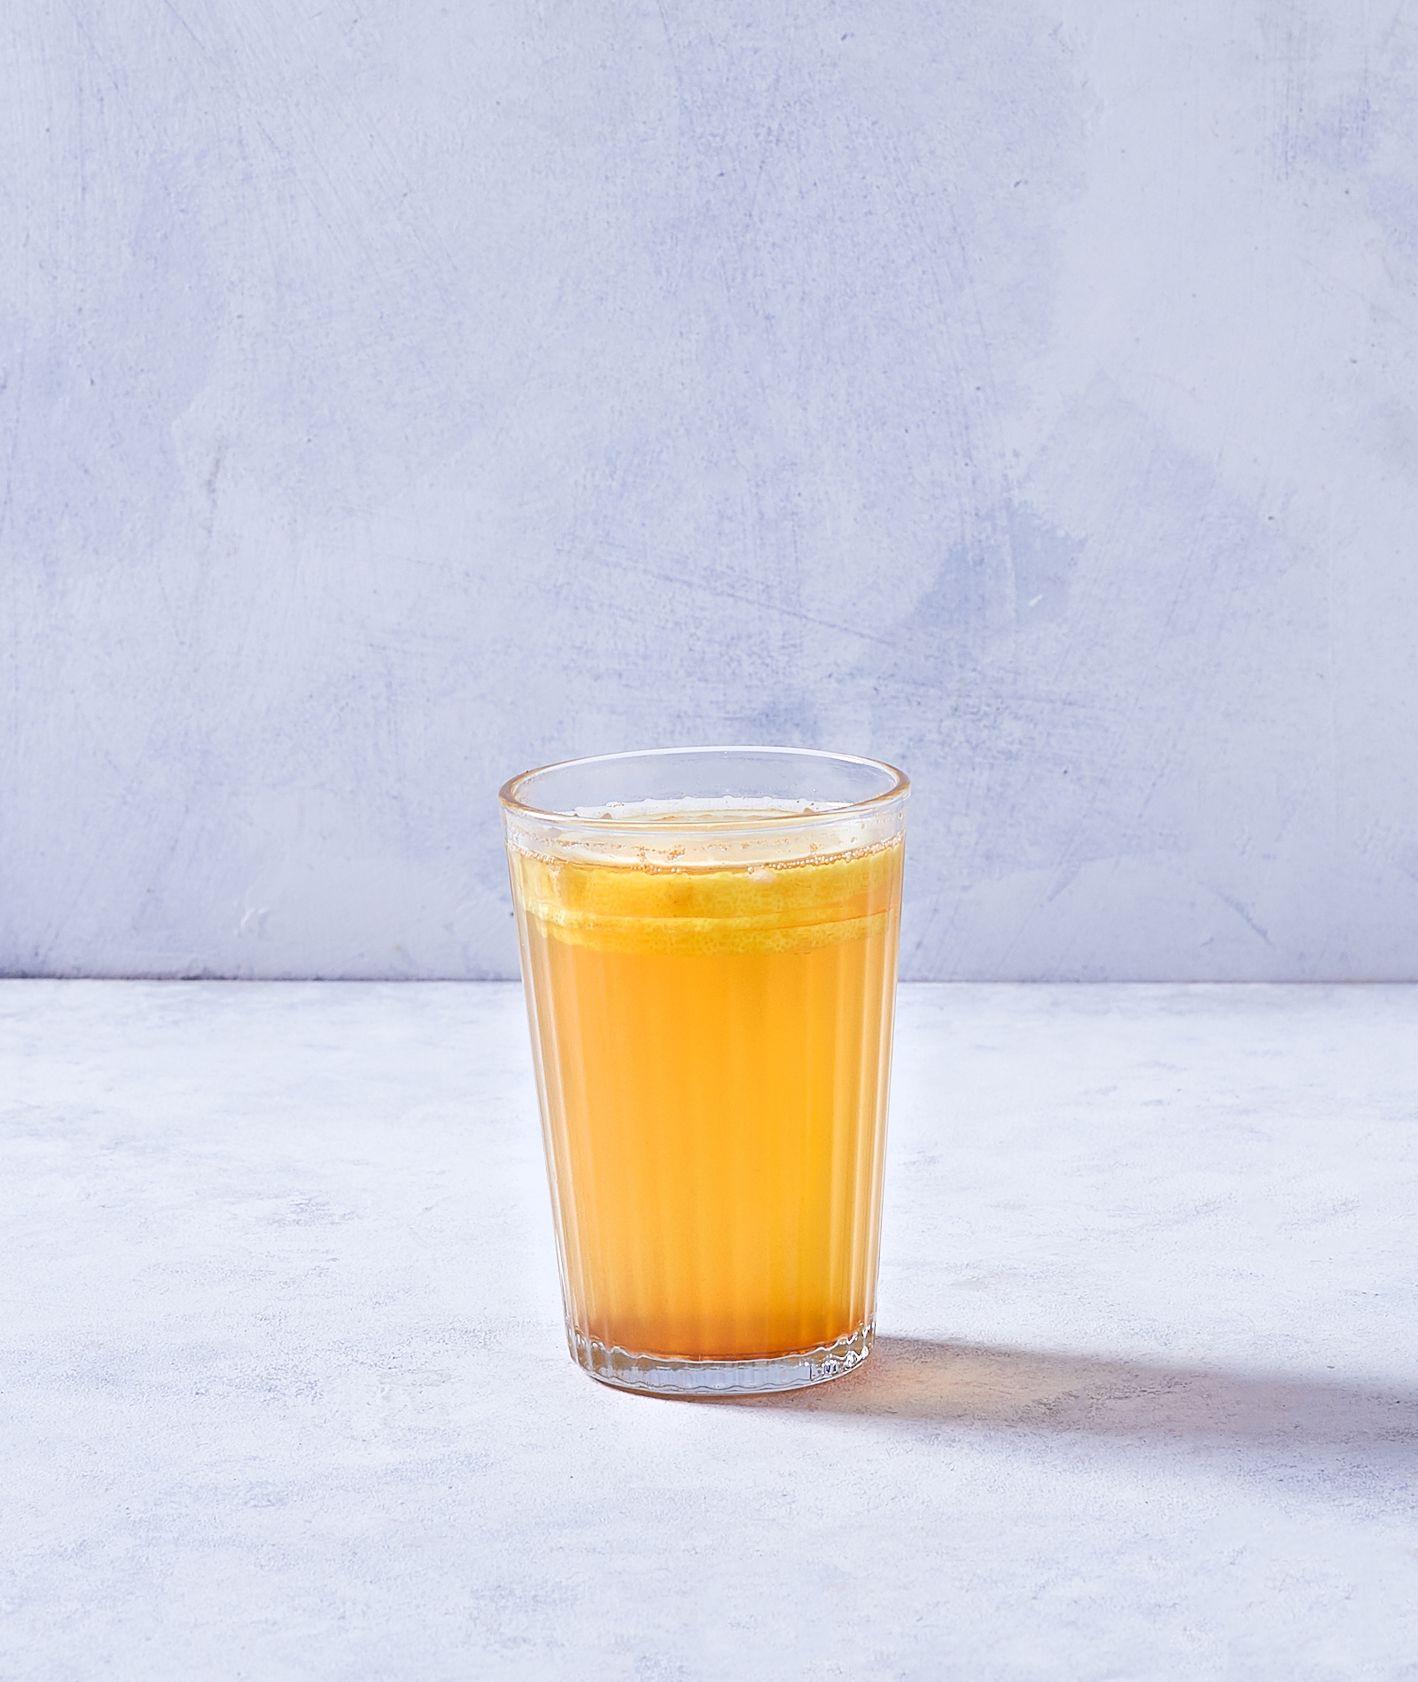 Napar na bazie zielonej herbaty z dodatkiem ieprzu cayenne, fot. Marcin Lewandowski